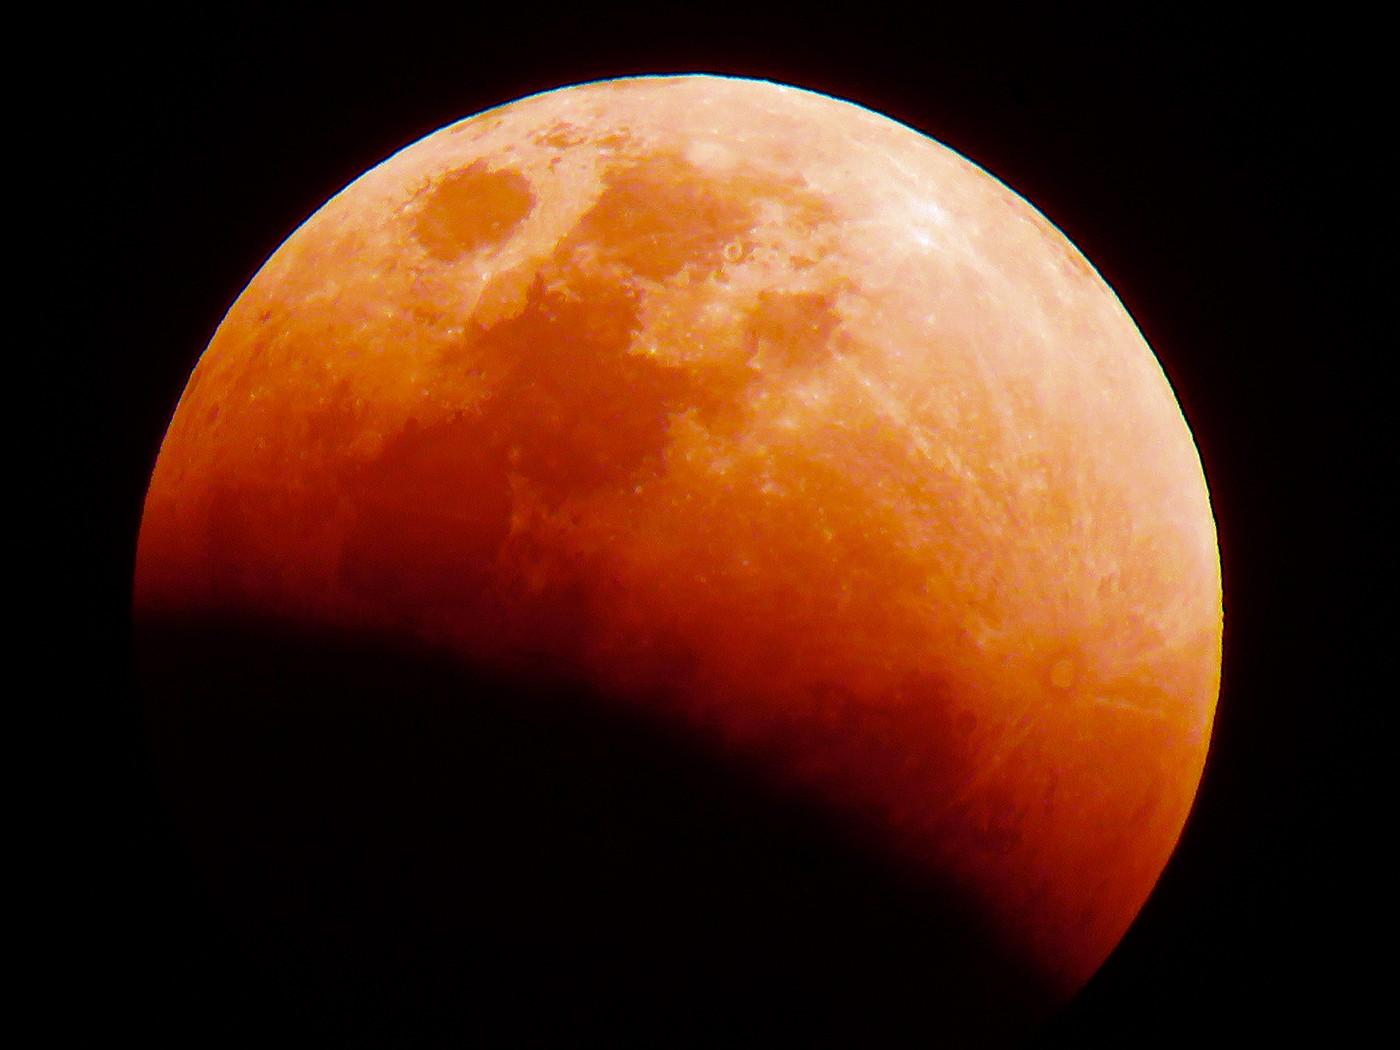 Registro da lua de sangue que ocorreu em 2018 | Foto Divulgação Wikimedia Commons